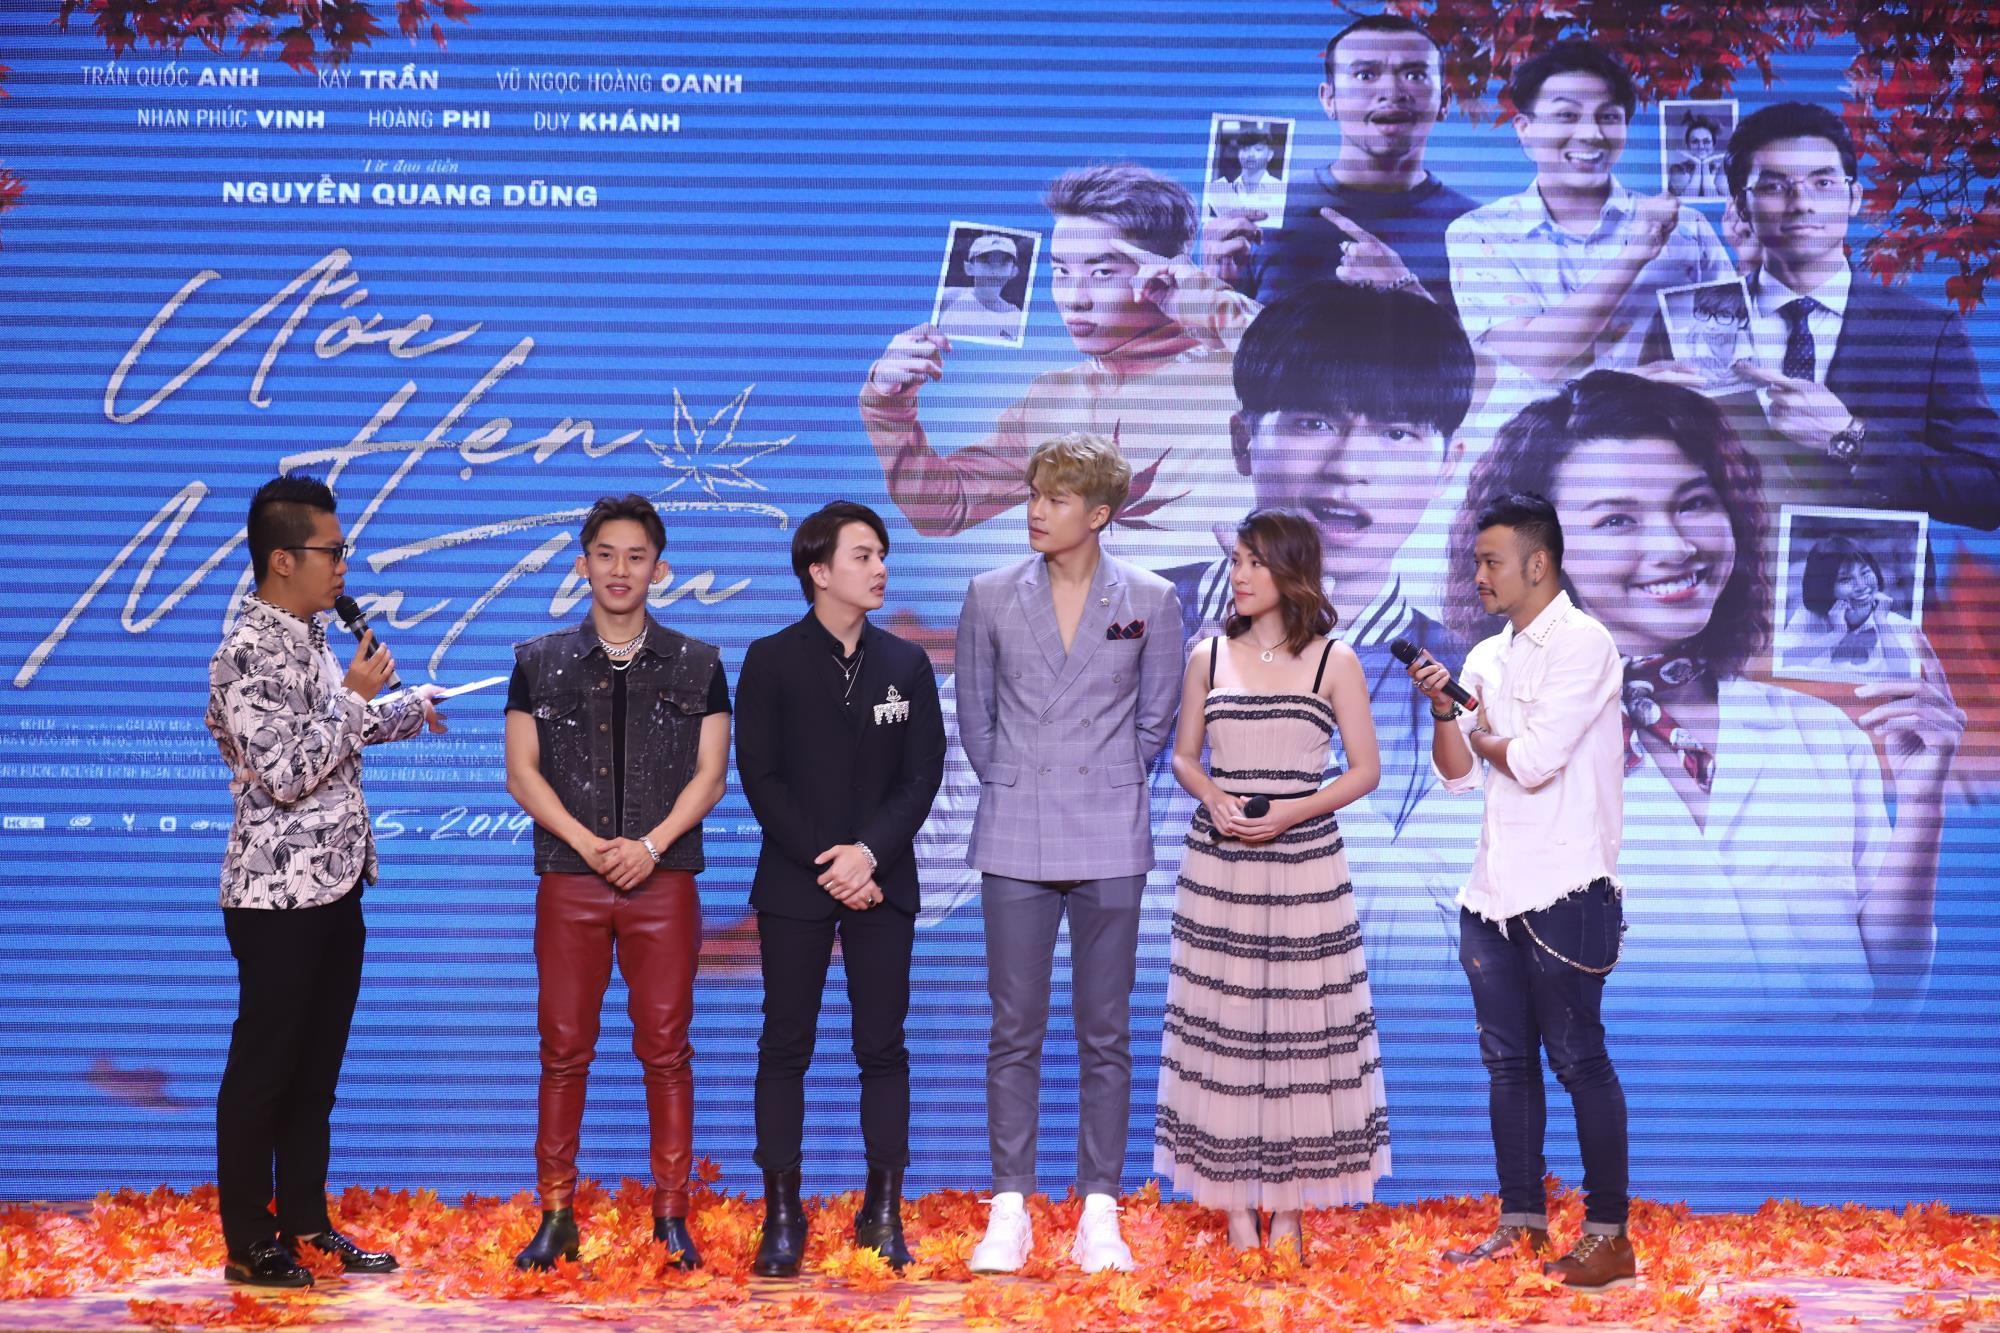 Duy Khánh đóng phim 3 tháng xuất hiện trong 3s trailer, Kay Trần giải thích nickname LONG 2K18CM - Ảnh 2